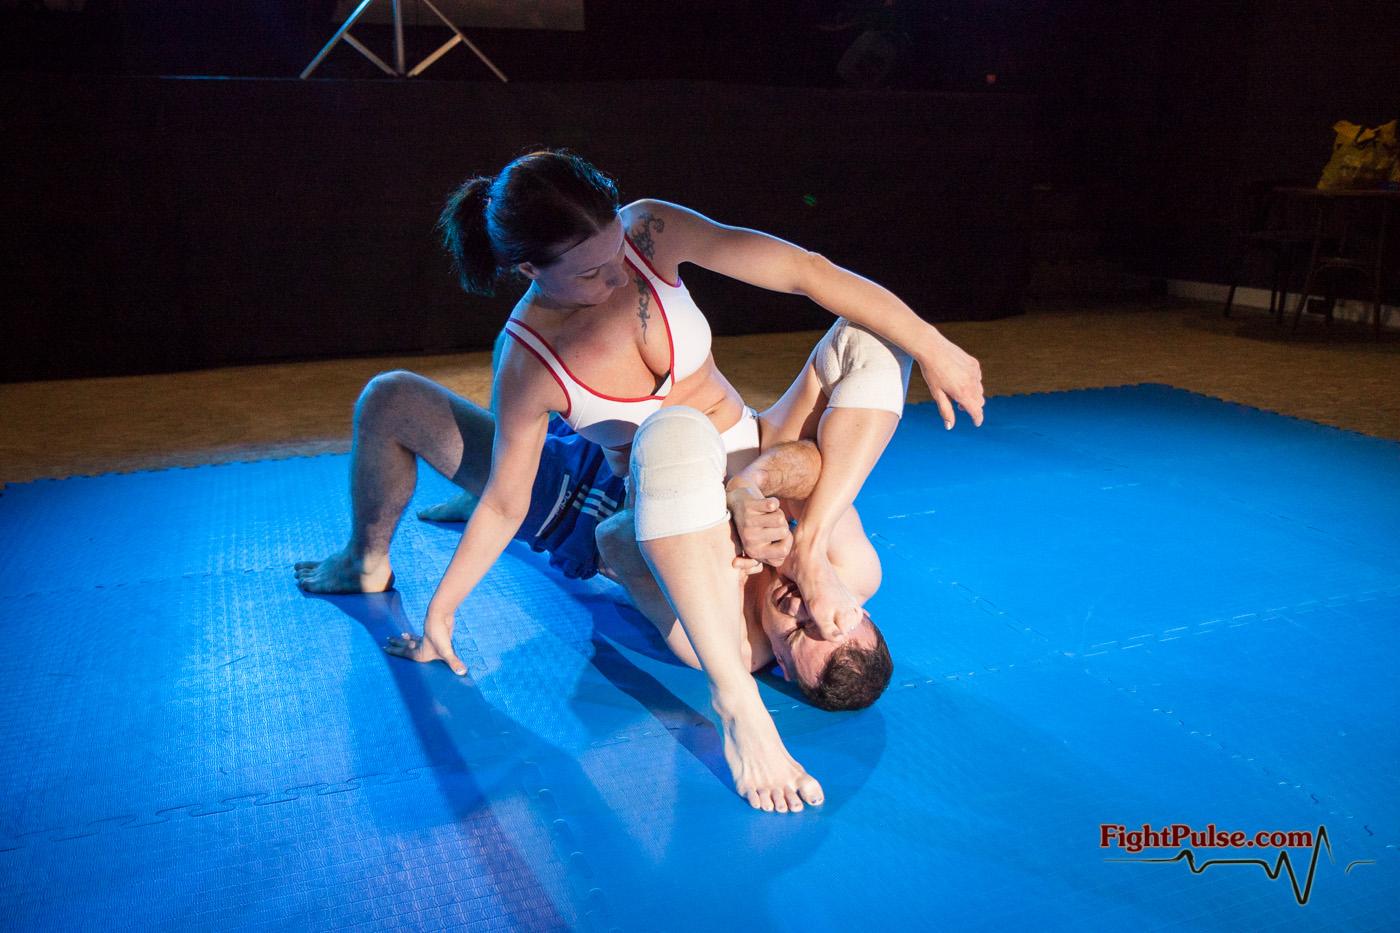 Mezcla de videos de femdom de lucha libre